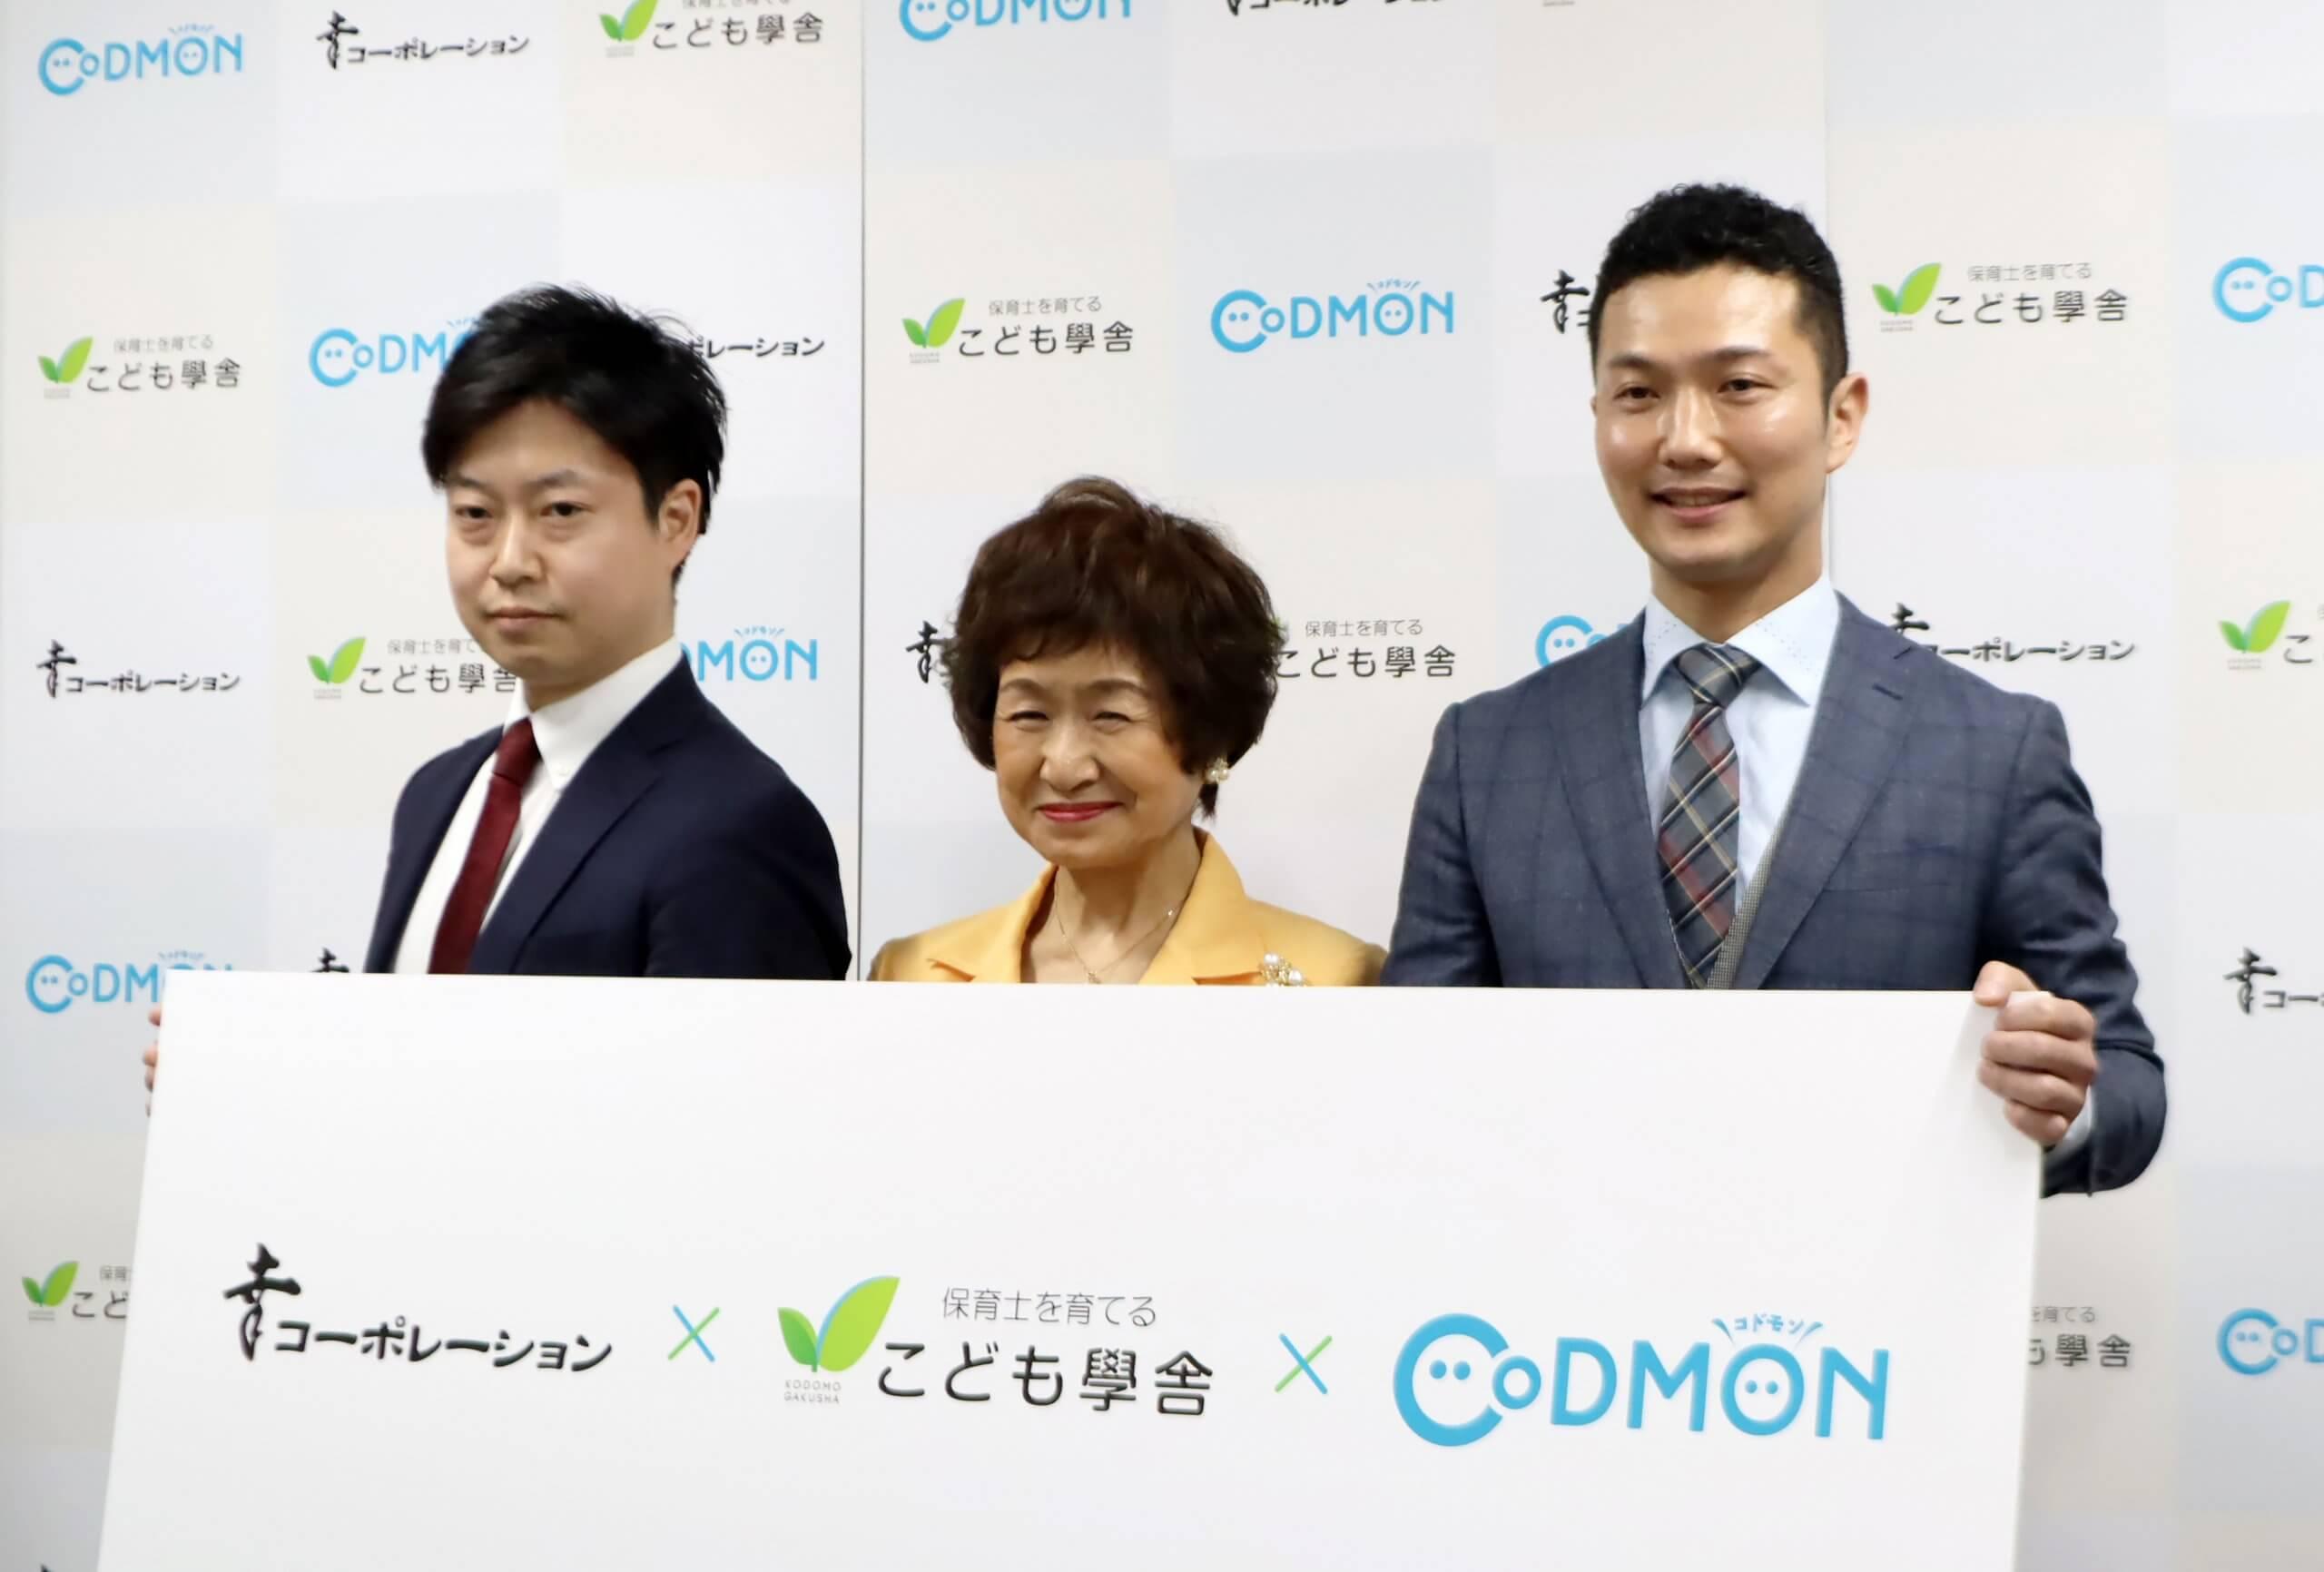 星澤幸子氏率いる「株式会社幸コーポレーション」、 厚生労働大臣指定保育士養成施設「こども學舎」及び 保育業務支援システムNO.1「コドモン」が 包括連携協定を締結し記者発表会が行われました